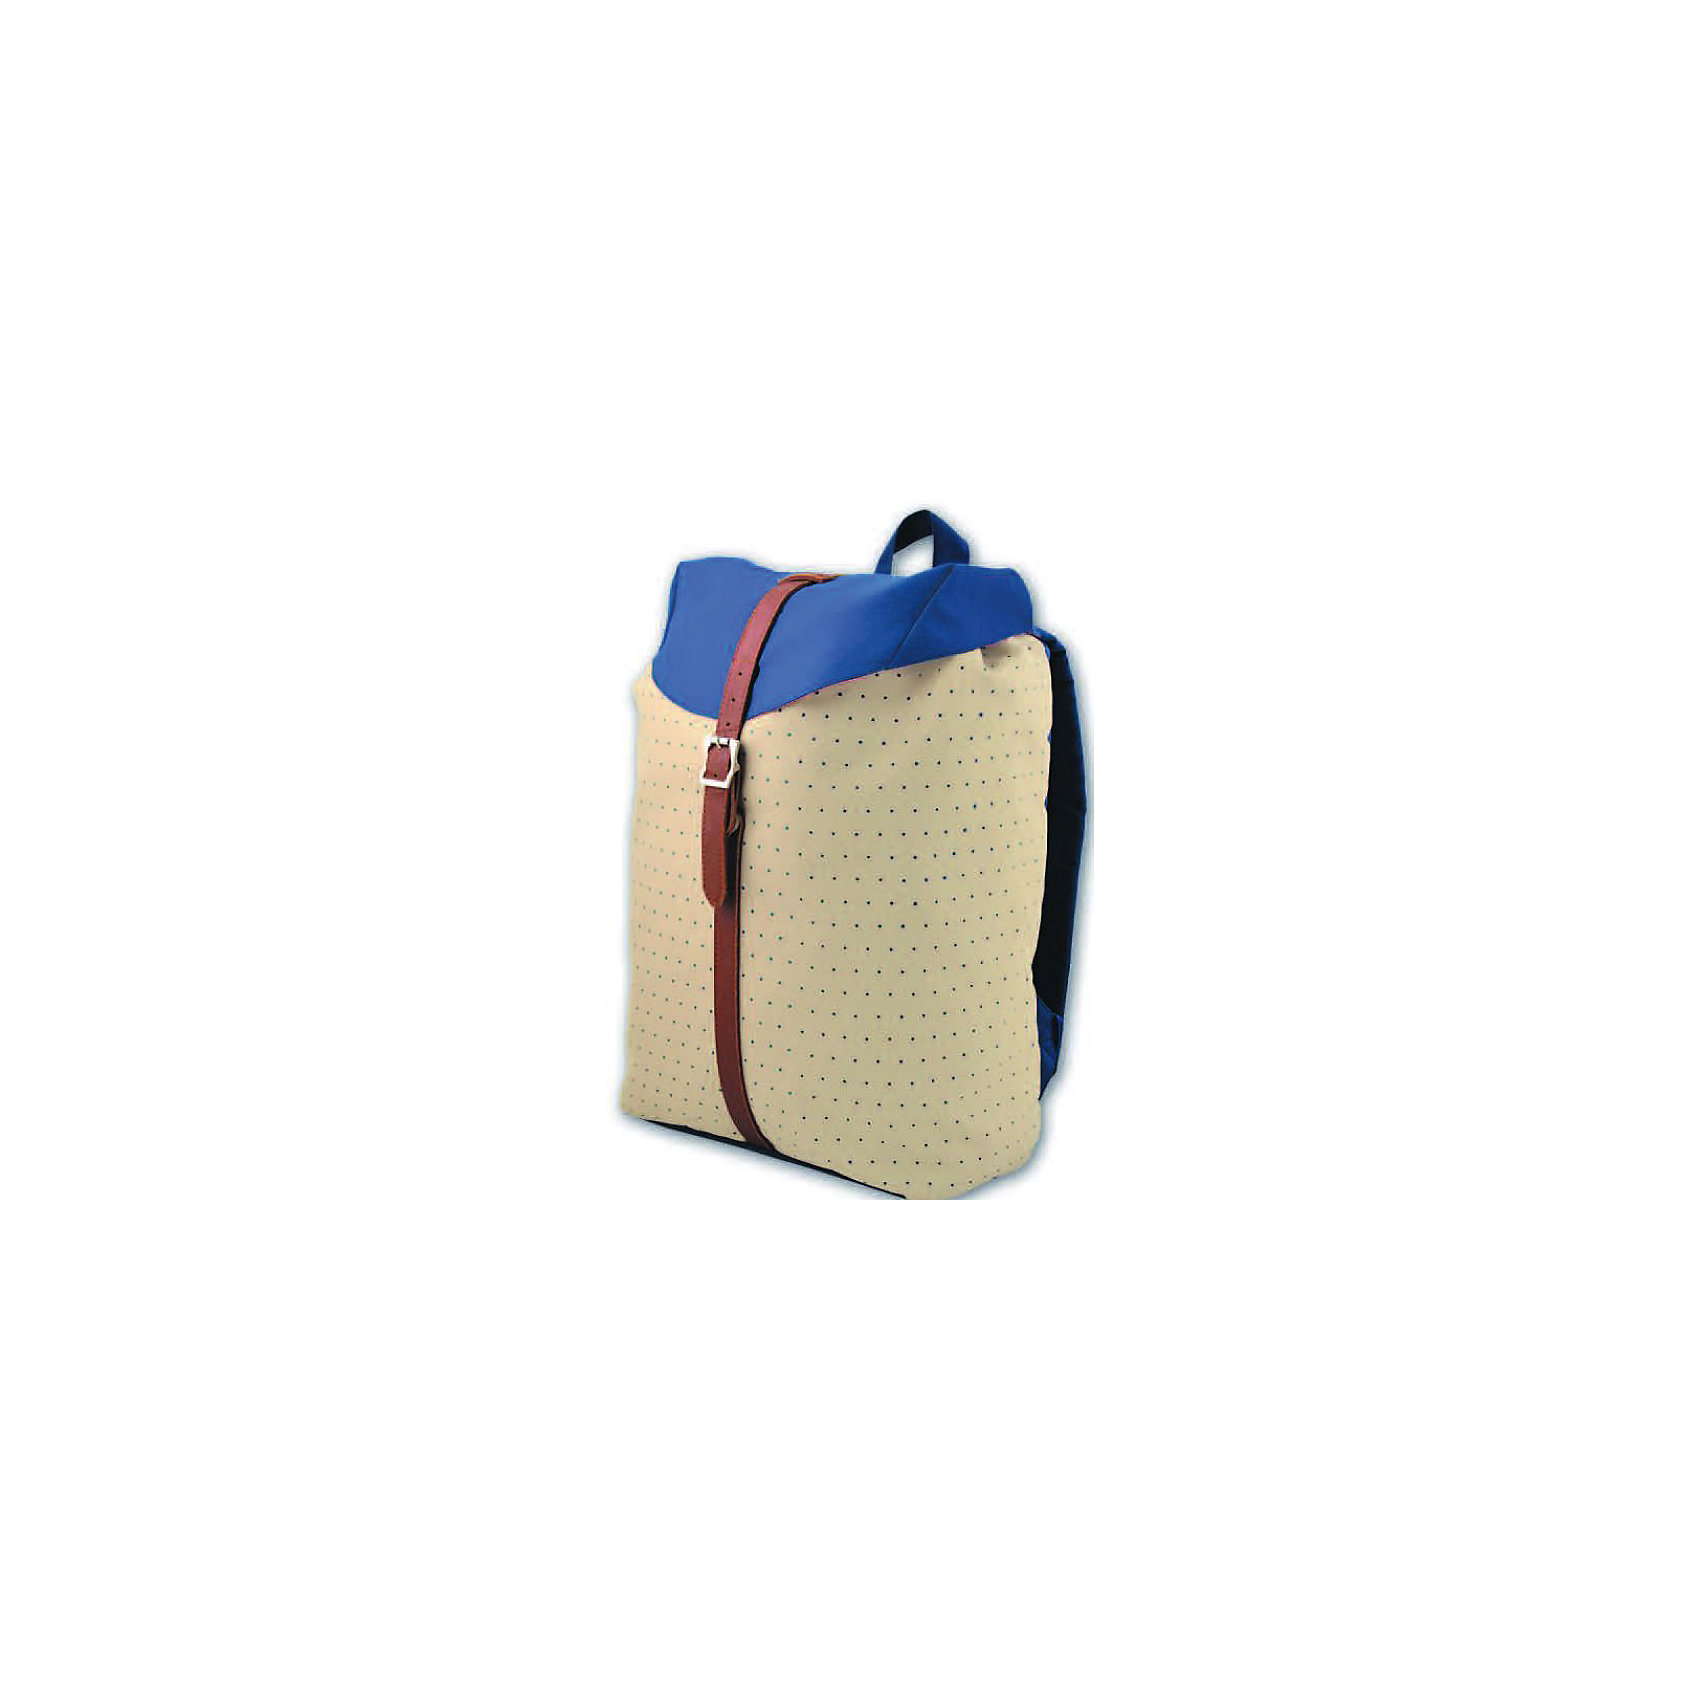 Рюкзак молодежный, бежевый в горошекСтильный и в тоже время удобный рюкзак для Вашего ребенка. У рюкзака одно большое отделение на застежке с внутренними отделениями, лямки регулируются.<br><br>Дополнительная информация:<br><br>- Возраст: от 6 лет.<br>- Размер: 39х28х13 см.<br>- Материал: полиэстер с элементами из искусственной кожи.<br>- Цвет: бежевый в горошек.<br>- Размер упаковки: 41х33х5 см.<br>- Вес в упаковке: 325 г.<br><br>Купить молодежный рюкзак в бежевом цвете, можно в нашем магазине.<br><br>Ширина мм: 410<br>Глубина мм: 330<br>Высота мм: 50<br>Вес г: 325<br>Возраст от месяцев: 72<br>Возраст до месяцев: 2147483647<br>Пол: Унисекс<br>Возраст: Детский<br>SKU: 4943482